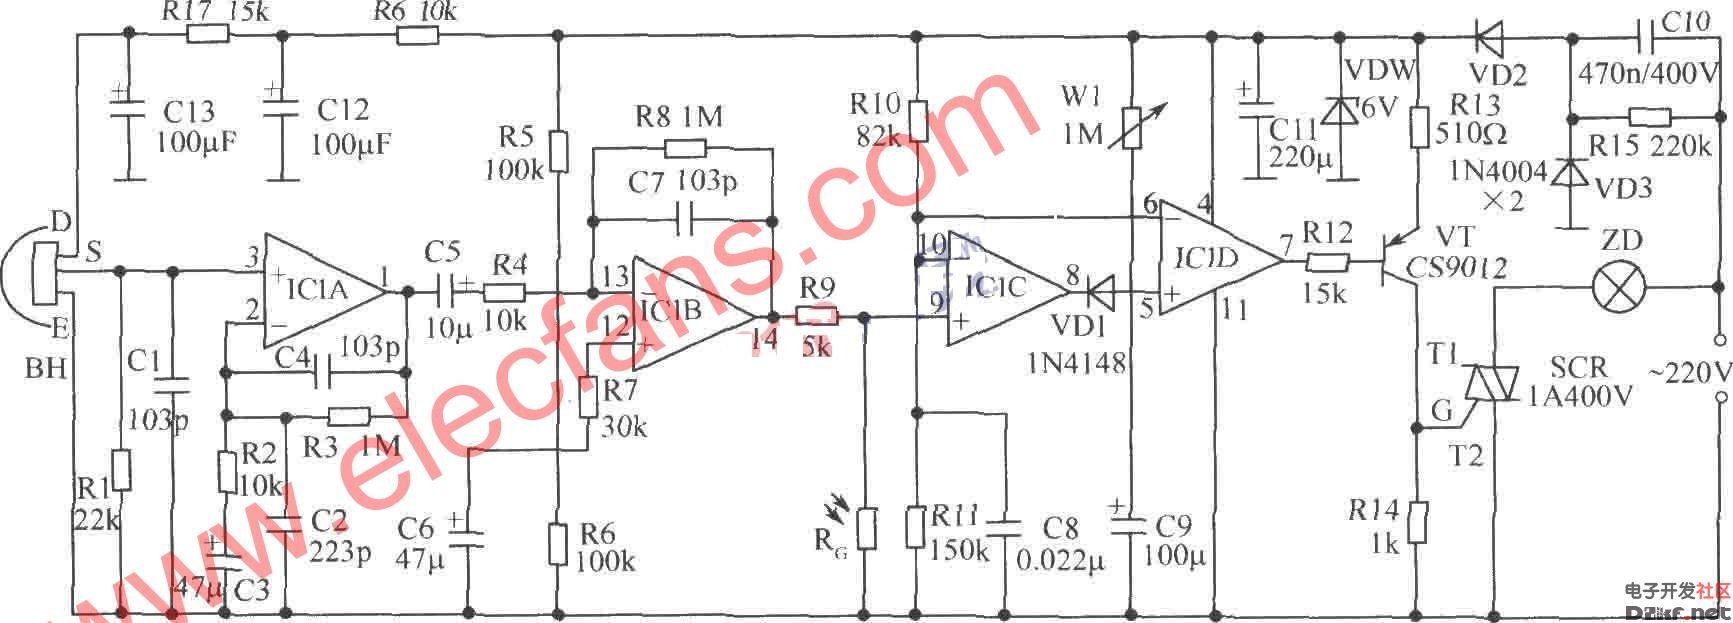 水塔水位控制器电路 如图所示为水塔水位控制器电路。图中,IC2可用各种555时基集成电路。IC3为红外接收解码集成电路 CX20106A。IC4可用4N25、4N26、PC817等光电耦合器。红外接收部分亦可购买成品红外接收组件或一体化红外接收头,可方便制作,提高可靠性。VD1、VD2和VD3选用电视遥控器用红外发射、接收二极管。J选用国产新型记忆自锁继电器,该产品外形与普通继电器相同,不同之处在于吸合后不需维持电流,仅在吸合和释放时需一定脉冲驱动功率,然后由机械结构保持锁定。主要参数:额定电压12V,